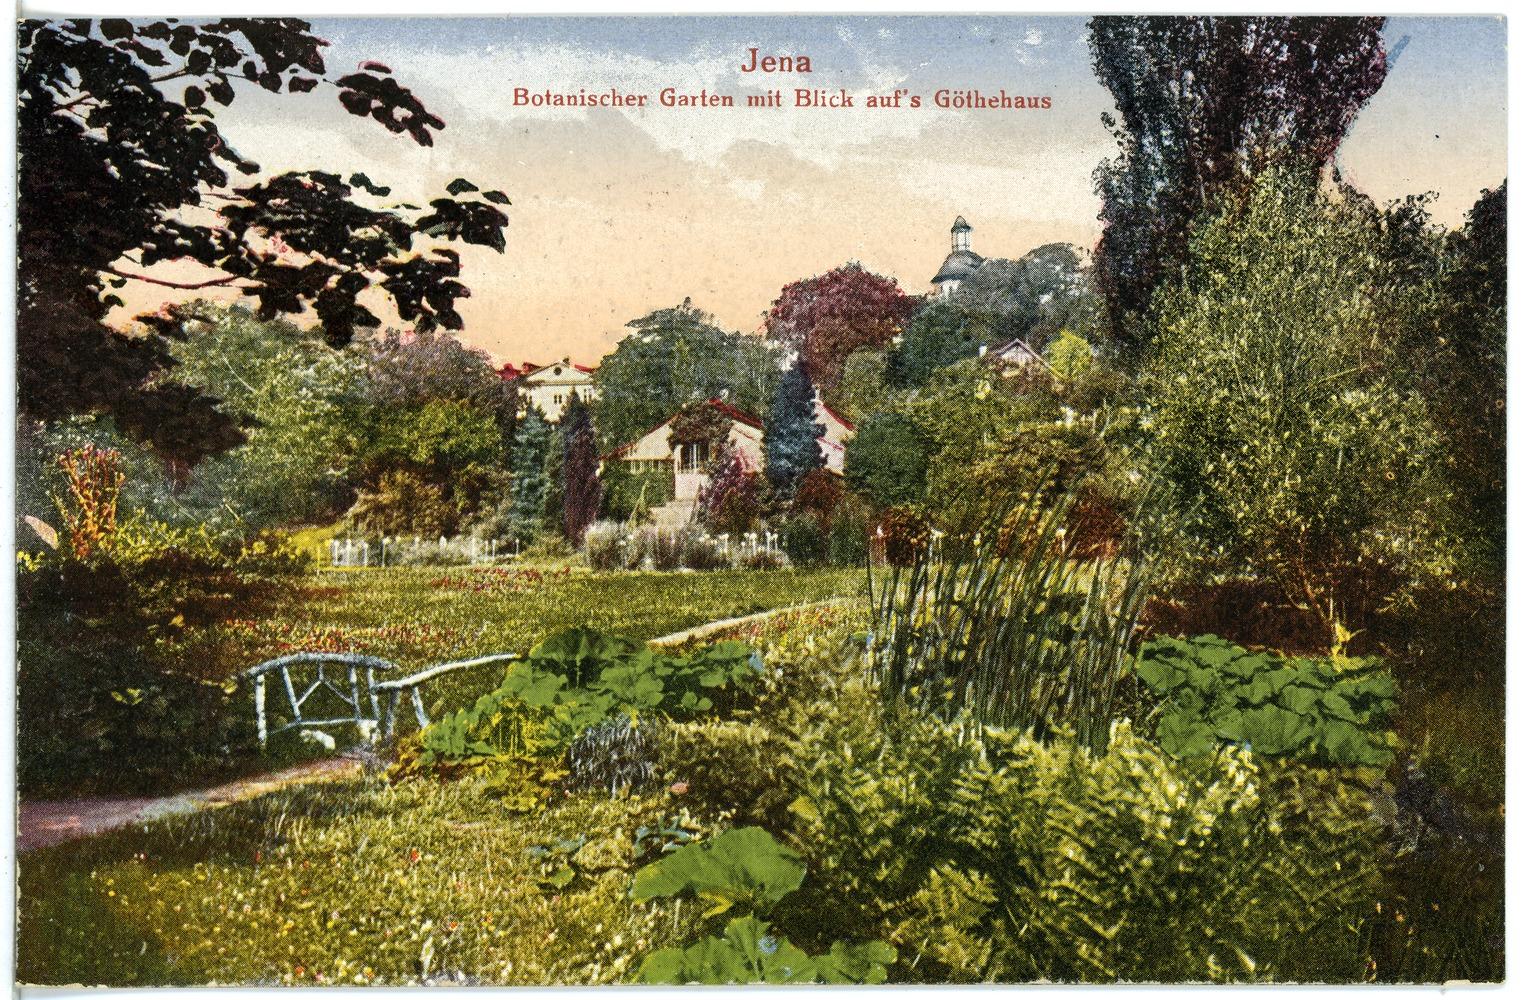 File21223 Jena 1919 Botanischer Garten Brück Sohn Kunstverlagjpg